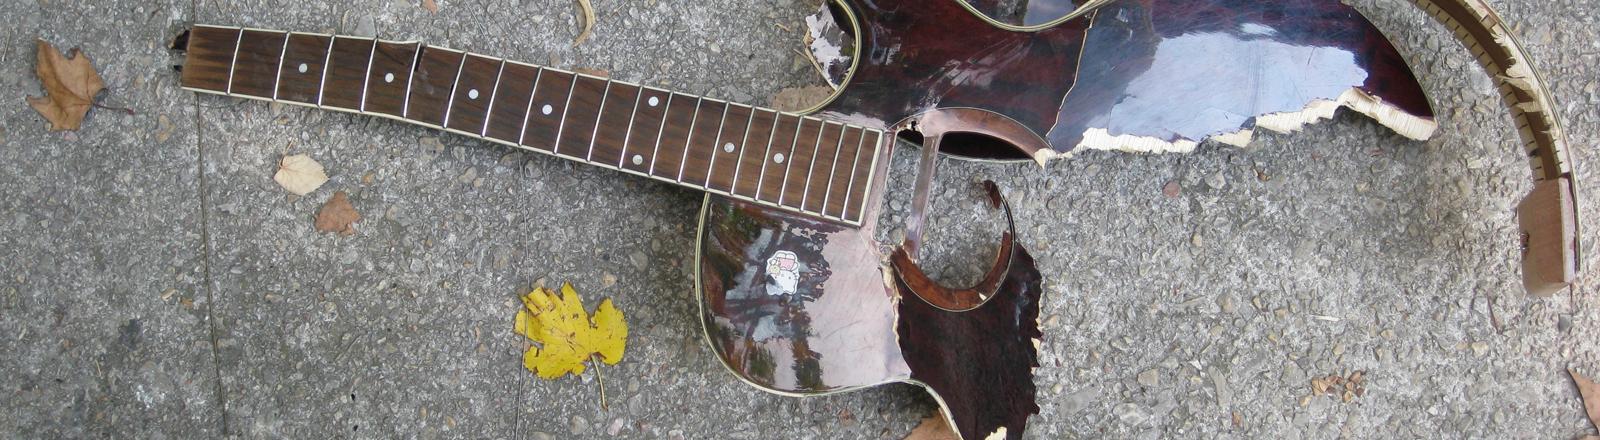 Eine zerstörte Gitarre liegt auf einem Fußweg in Lourmarin im Luberon in Frankreich